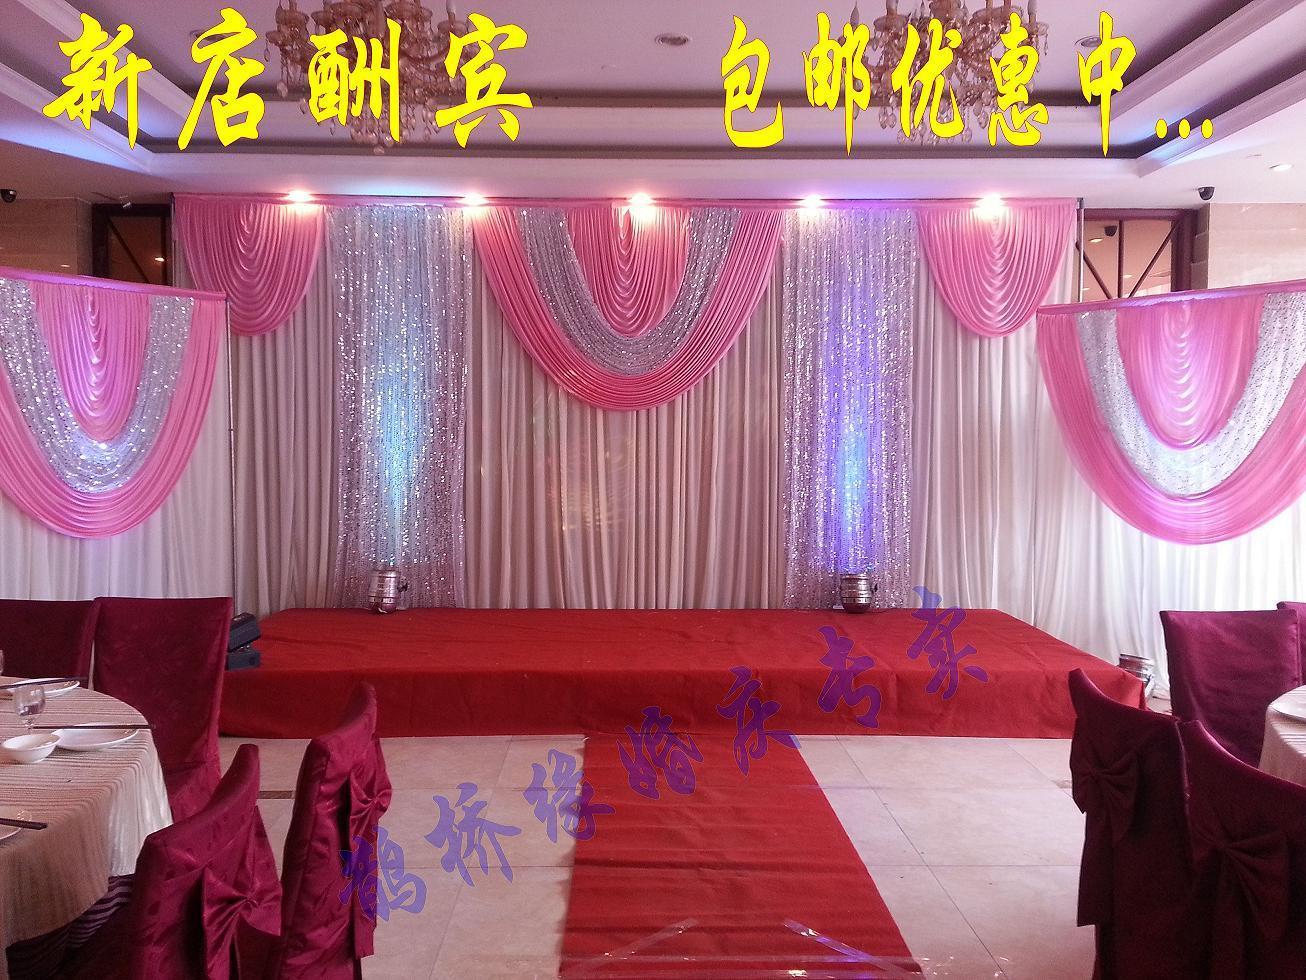 新款欧式结婚婚礼婚庆背景纱幔布幔舞台背景布置婚庆